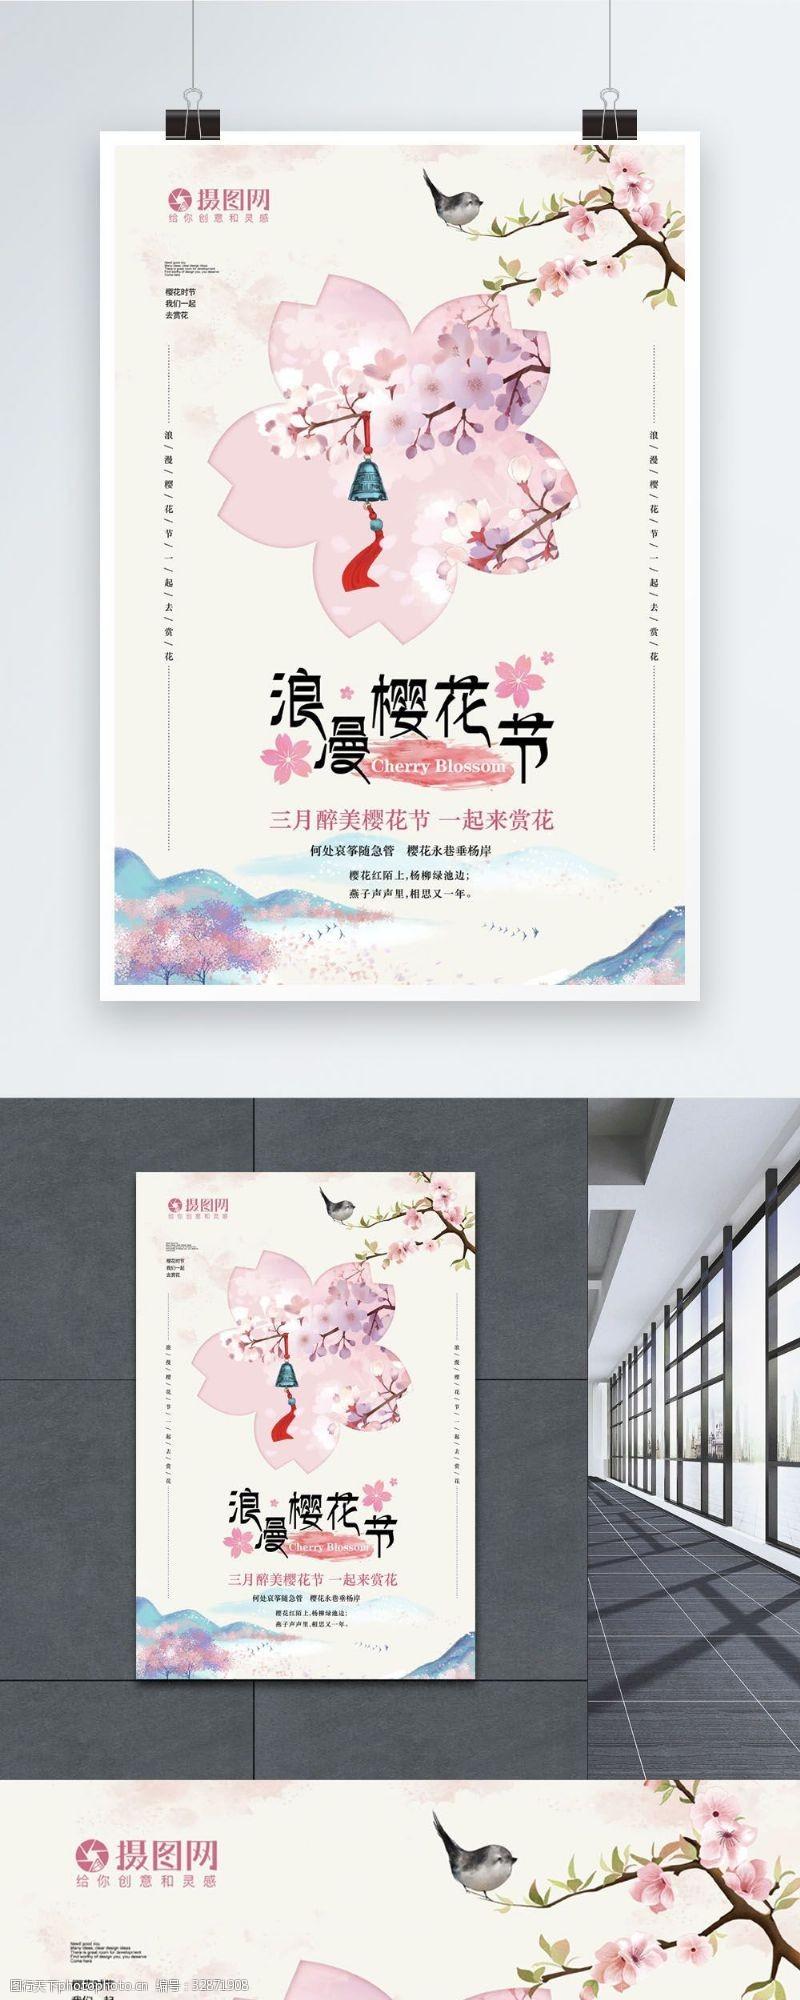 遇见樱花创意简洁浪漫樱花节旅游海报